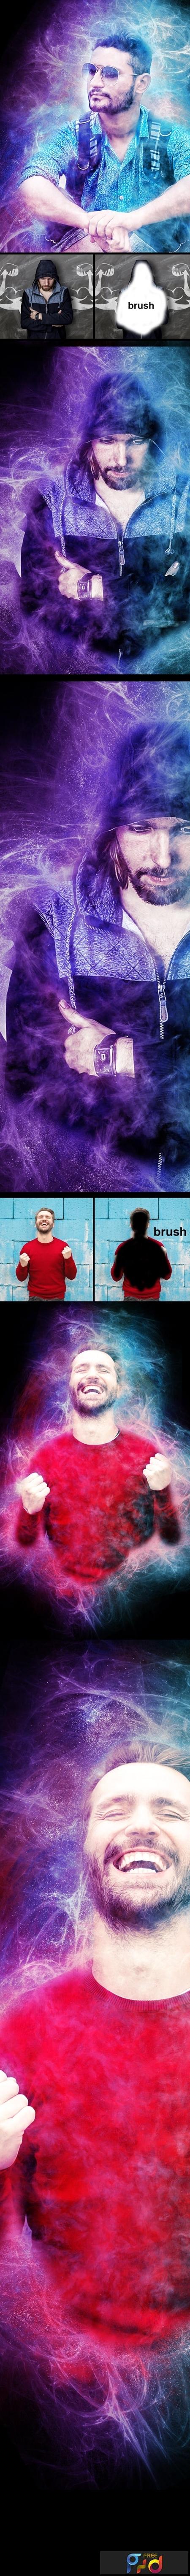 Amazing Power Photoshop Action 23444666 1